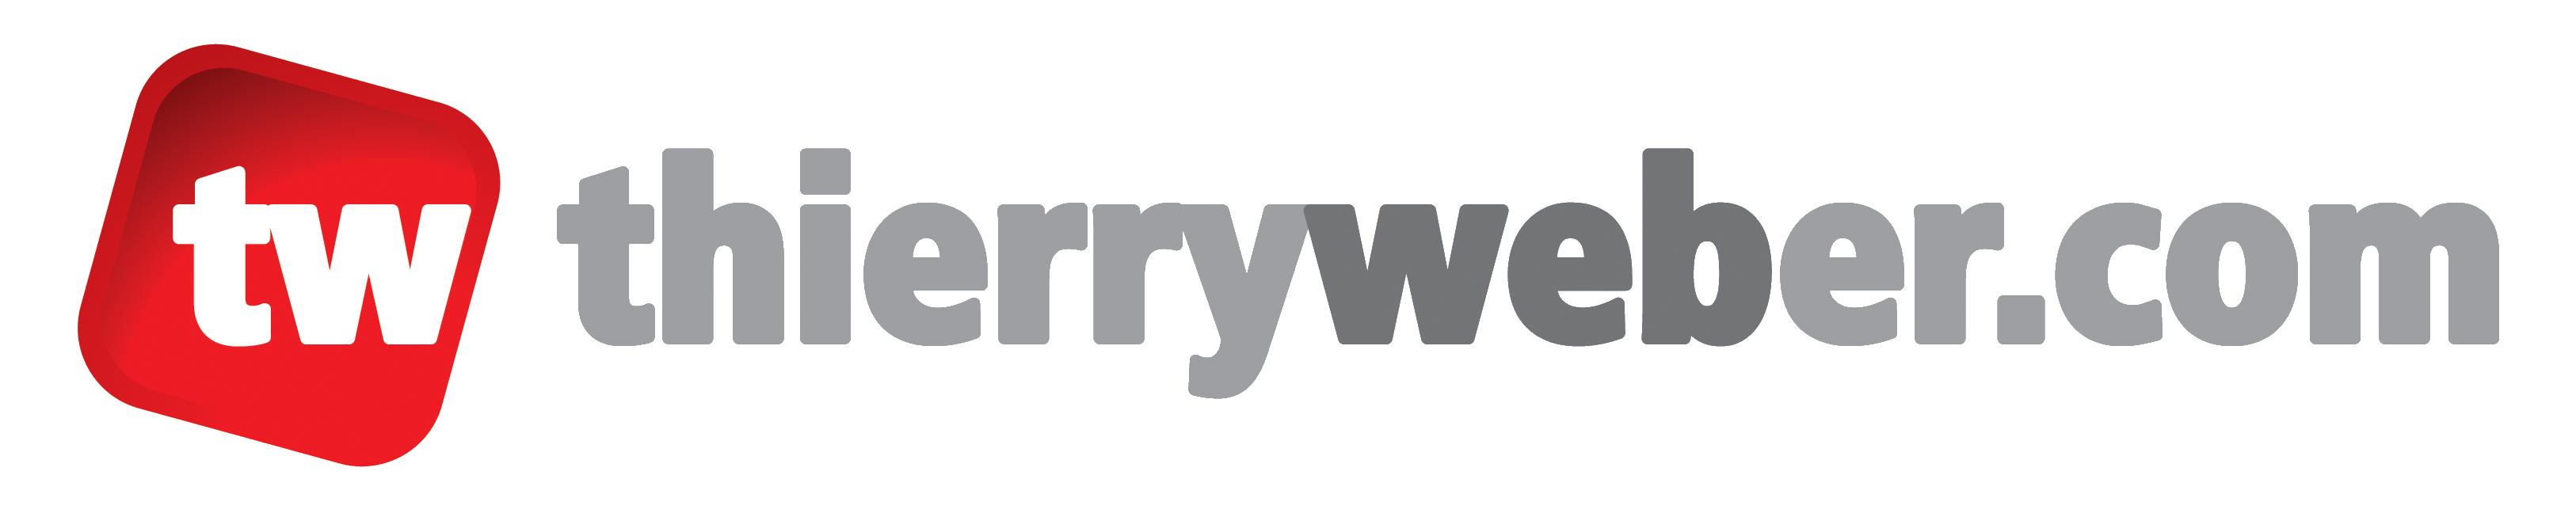 ThierryWeber.com